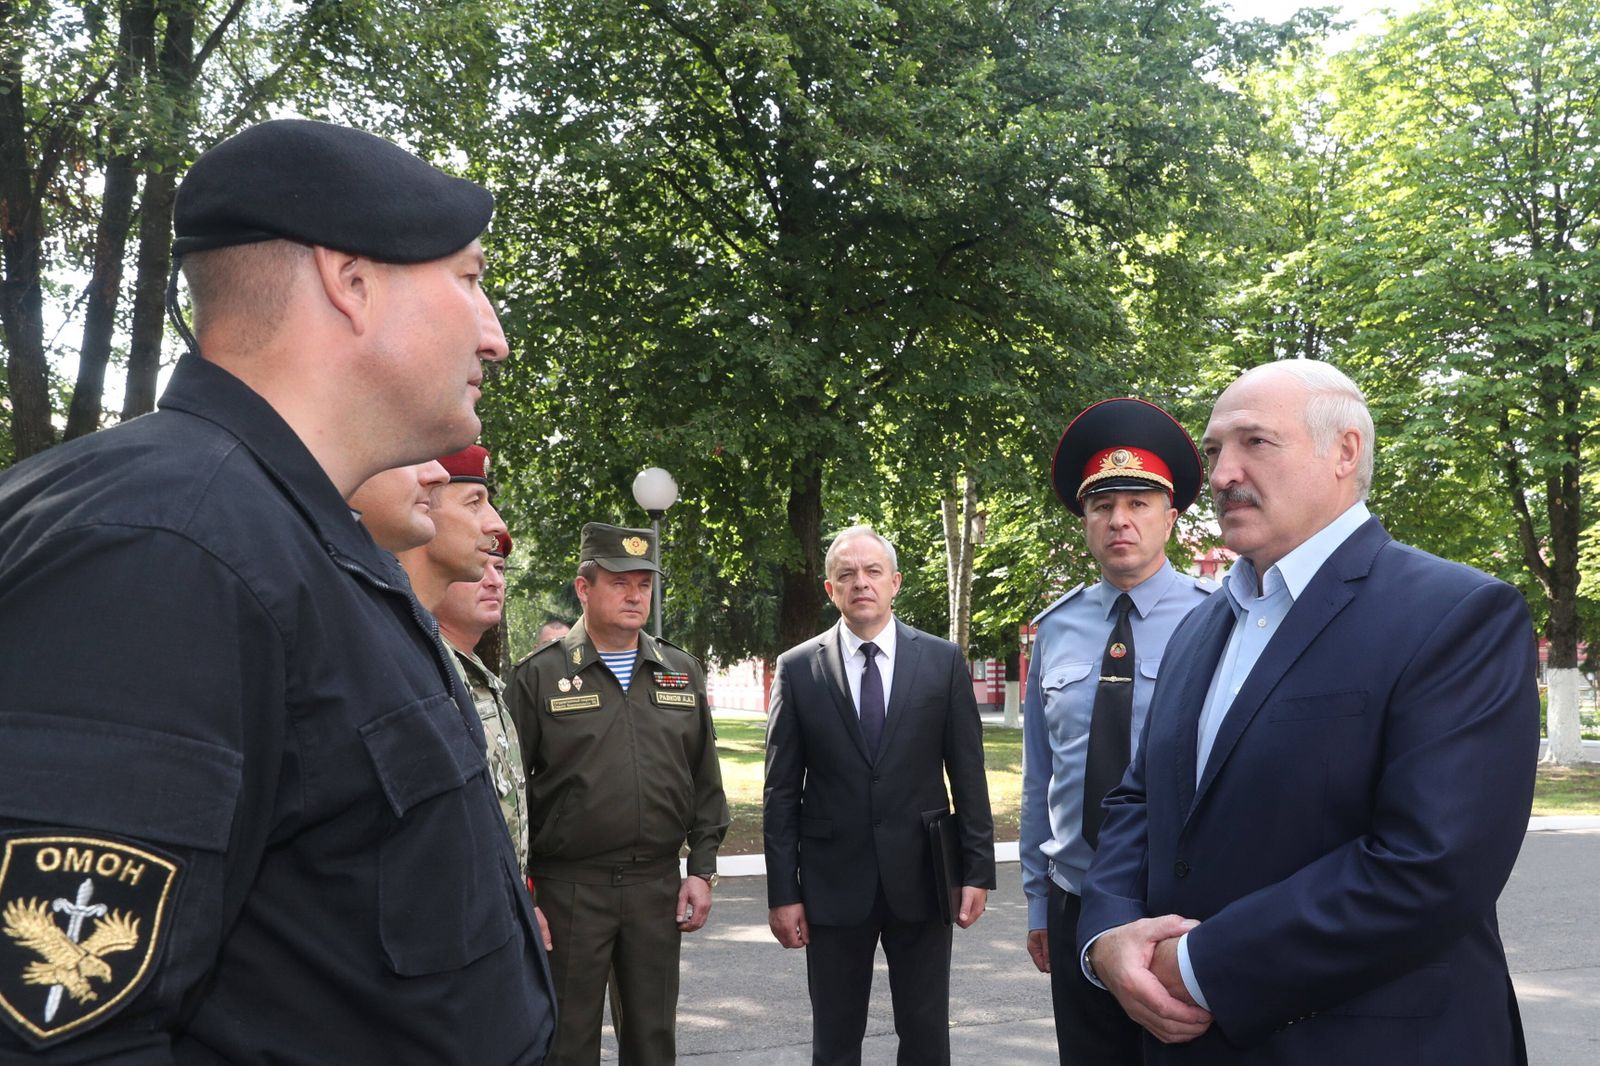 MINSK, BELARUS - JULY 28, 2020: The President of Belarus, Alexander Lukashenko (R front) and Security Council of Belaru